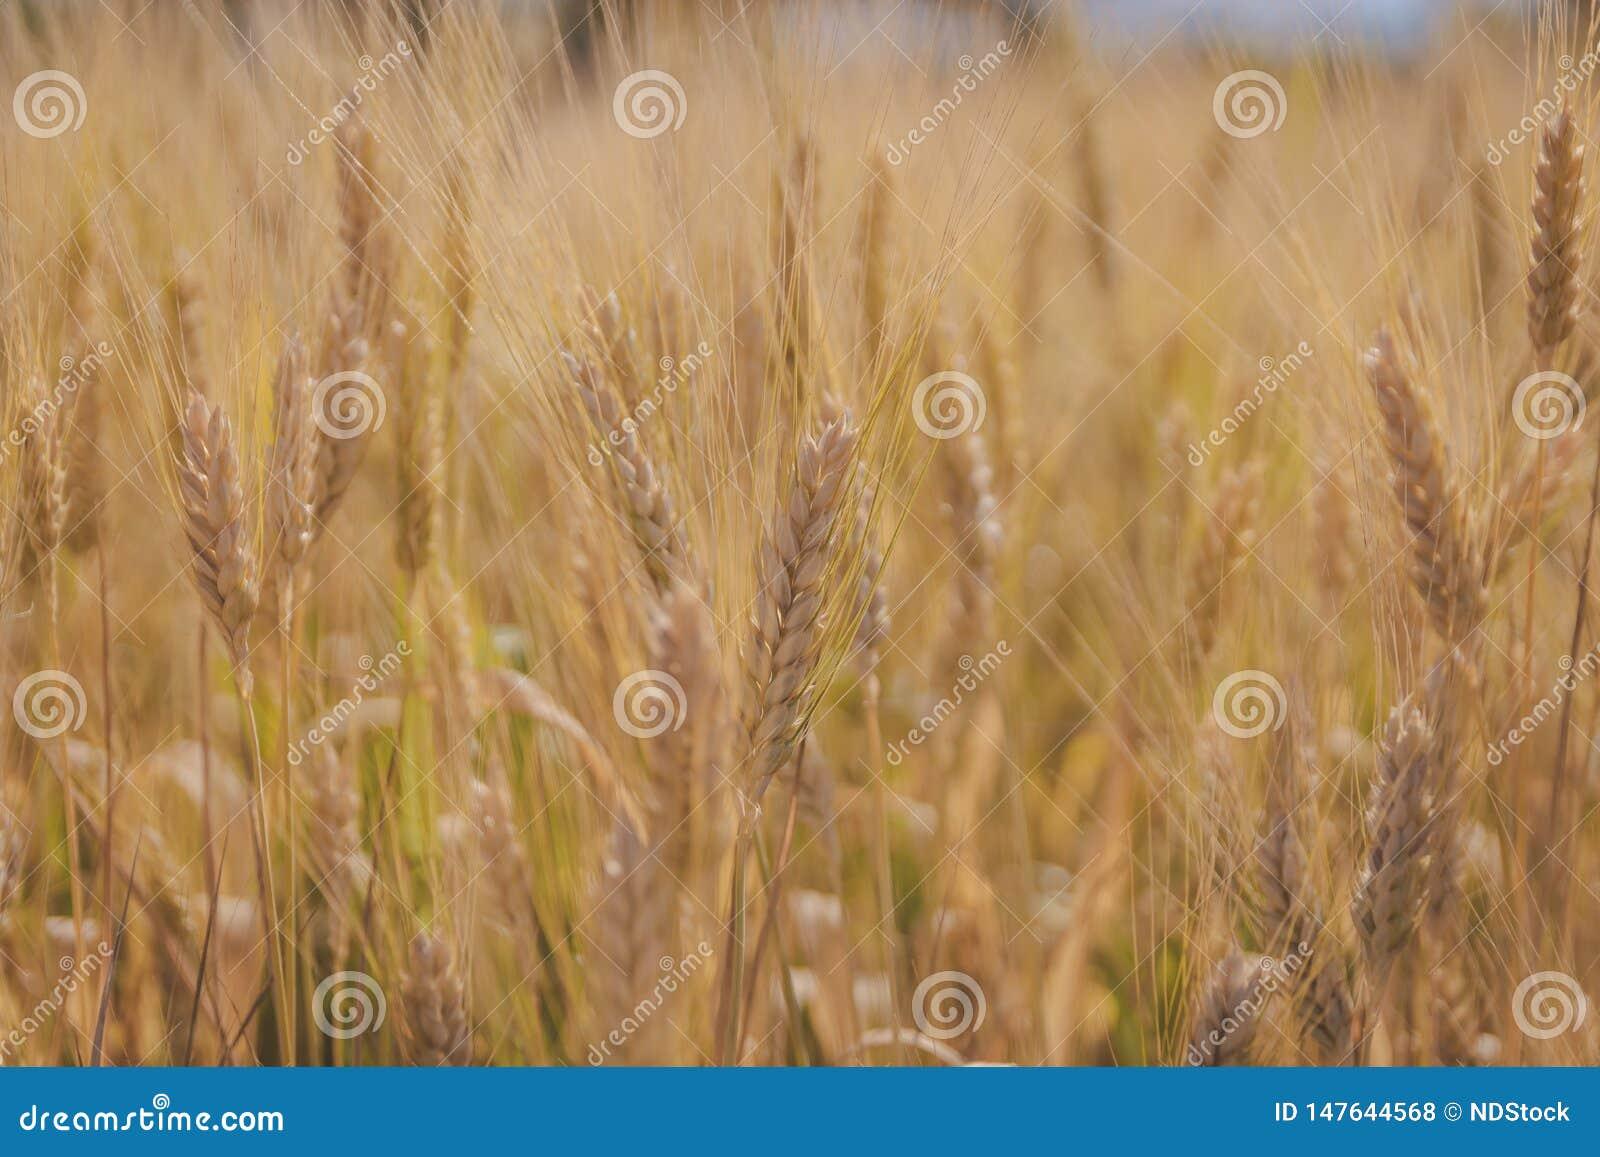 O trigo do close up arquivou